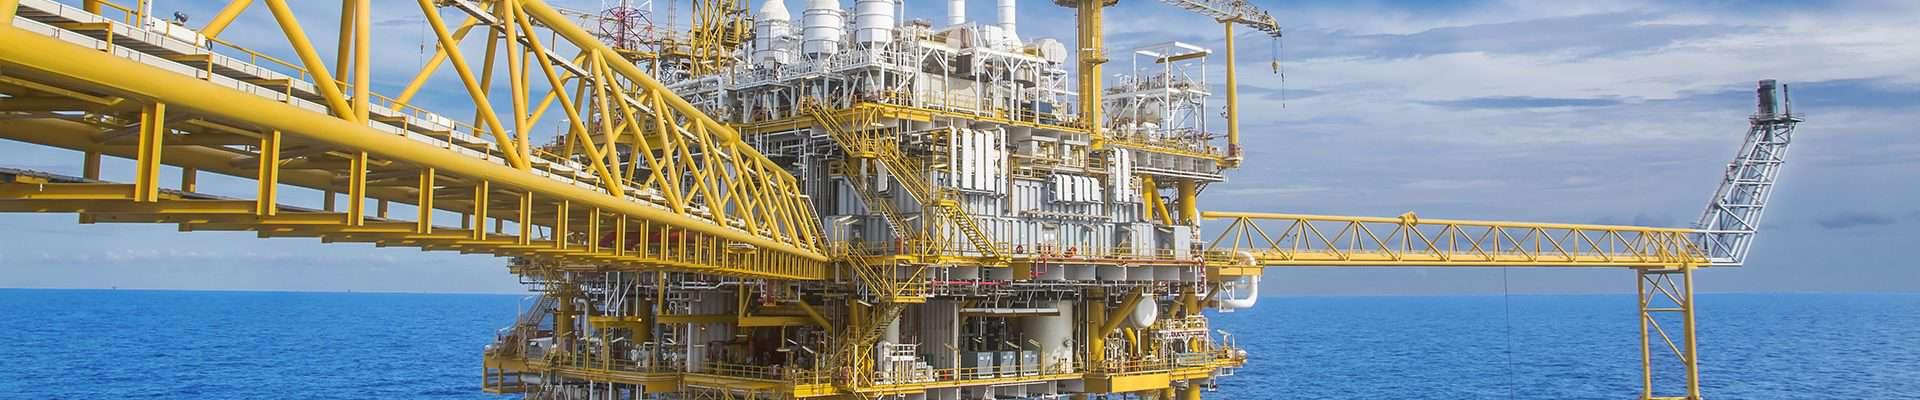 Stainless marché de l'énergie